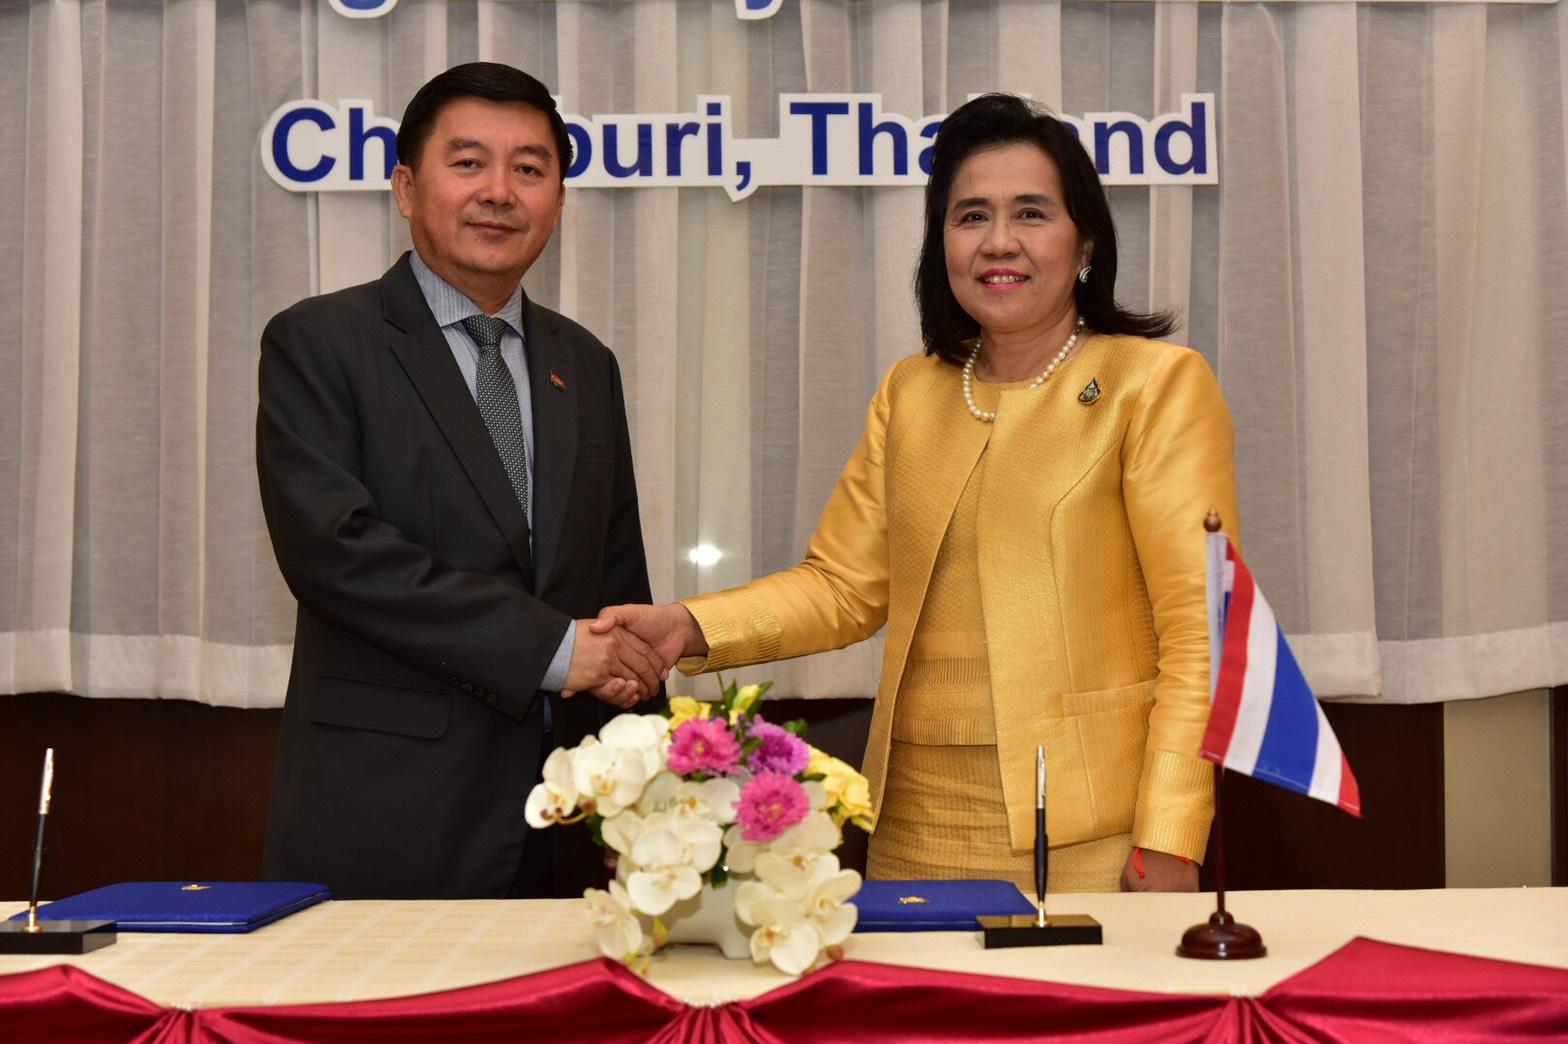 ทางการไทย-กัมพูชา หารือชื่นมื่น เตรียมความพร้อมนำเข้าแรงงานกัมพูชา หลังใบอนุญาตทำงานสิ้นสุด